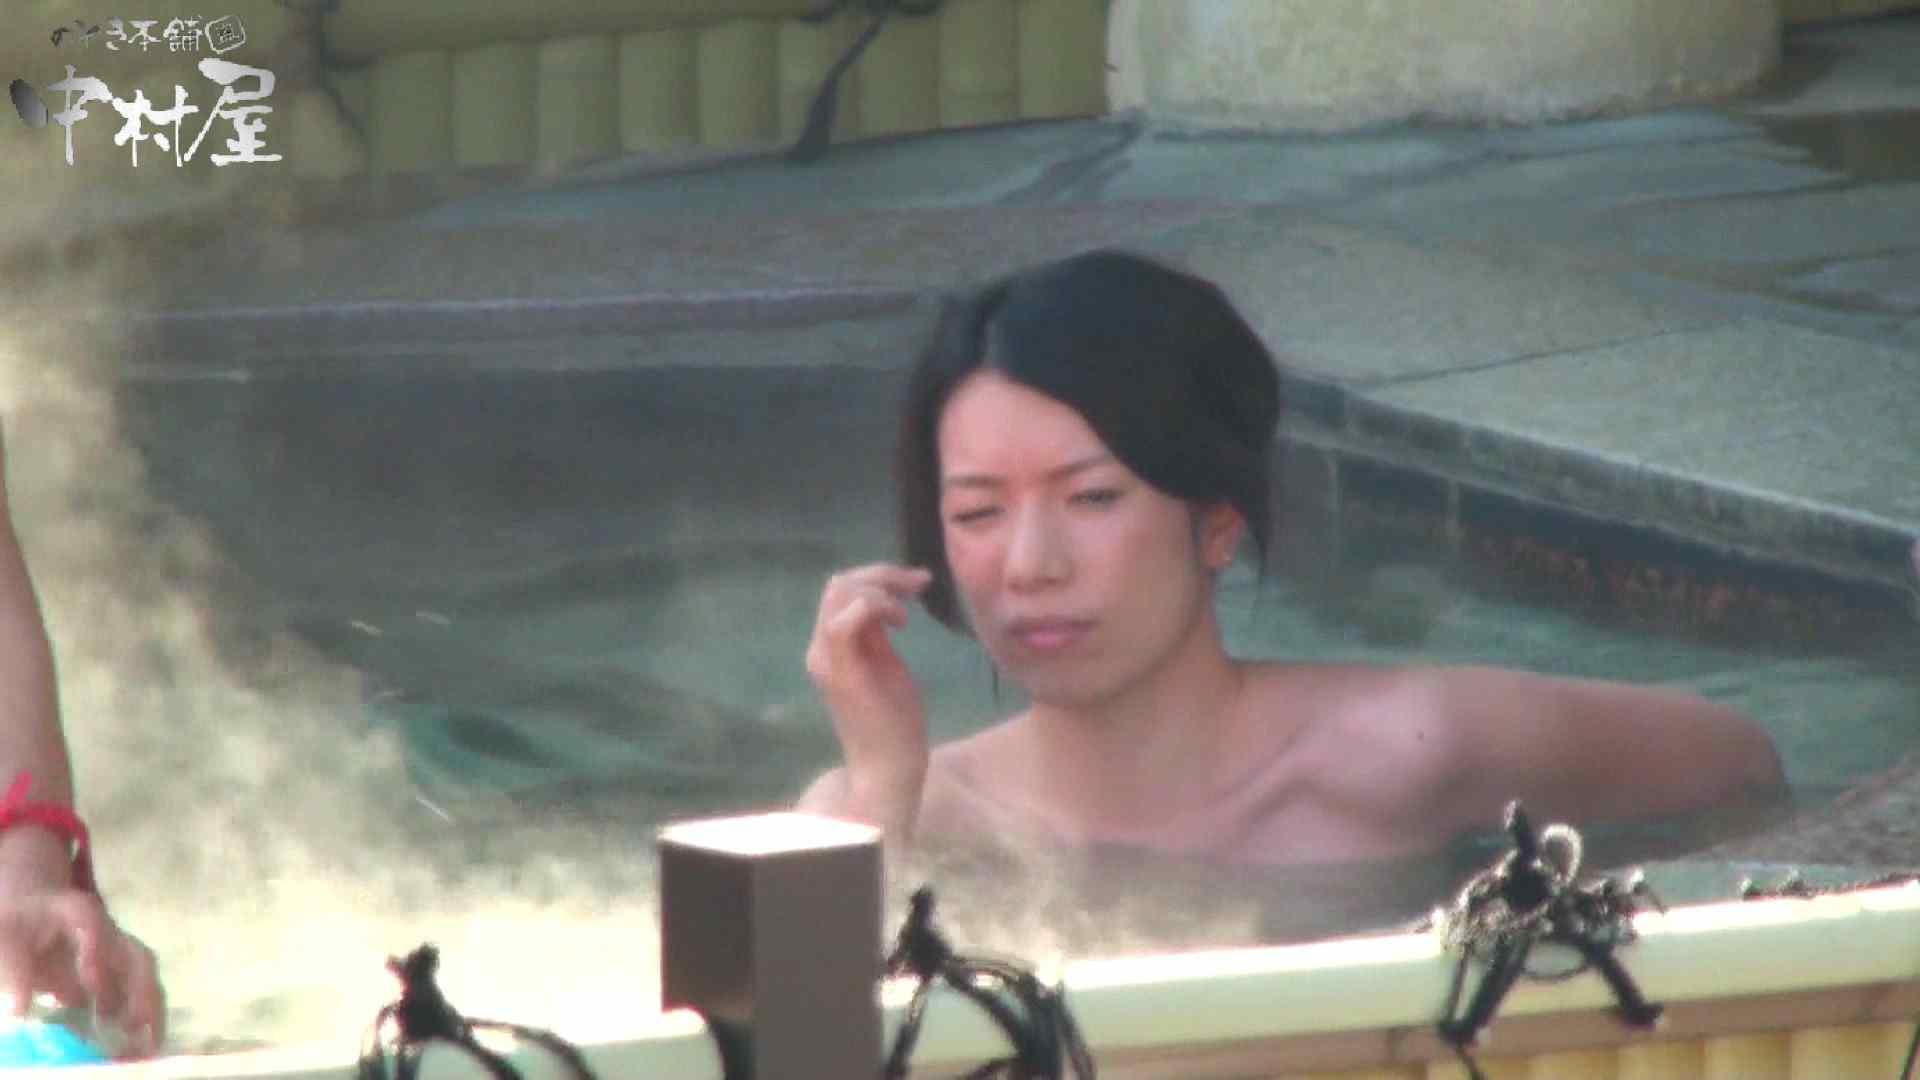 Aquaな露天風呂Vol.919 OLのエロ生活  91連発 60